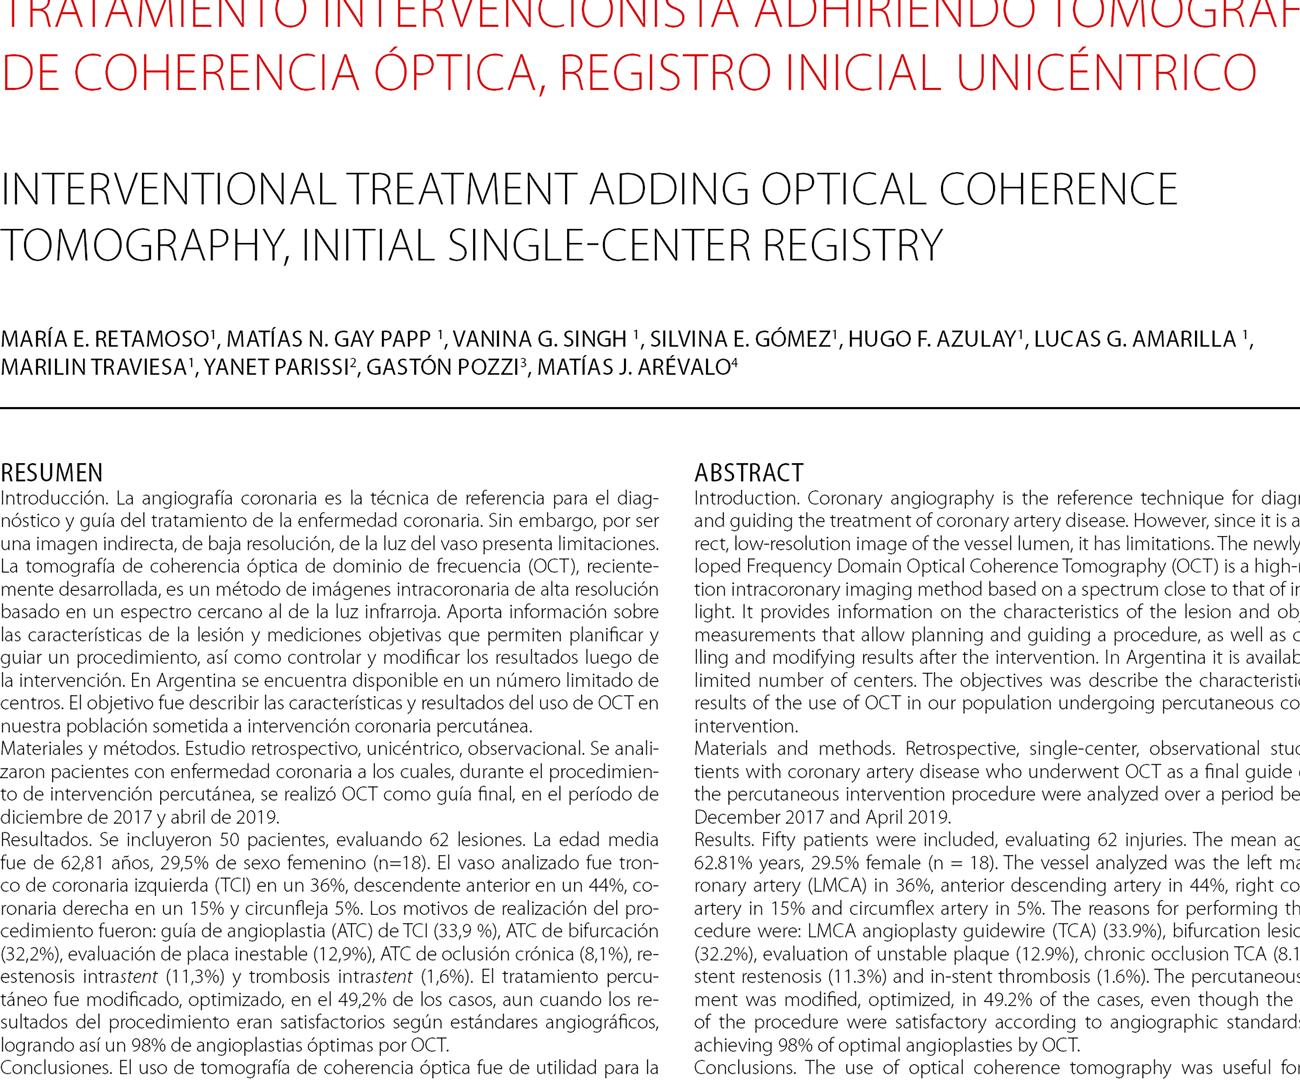 Tratamiento intervencionista adhiriendo tomografía de coherencia óptica, registro inicial unicéntrico